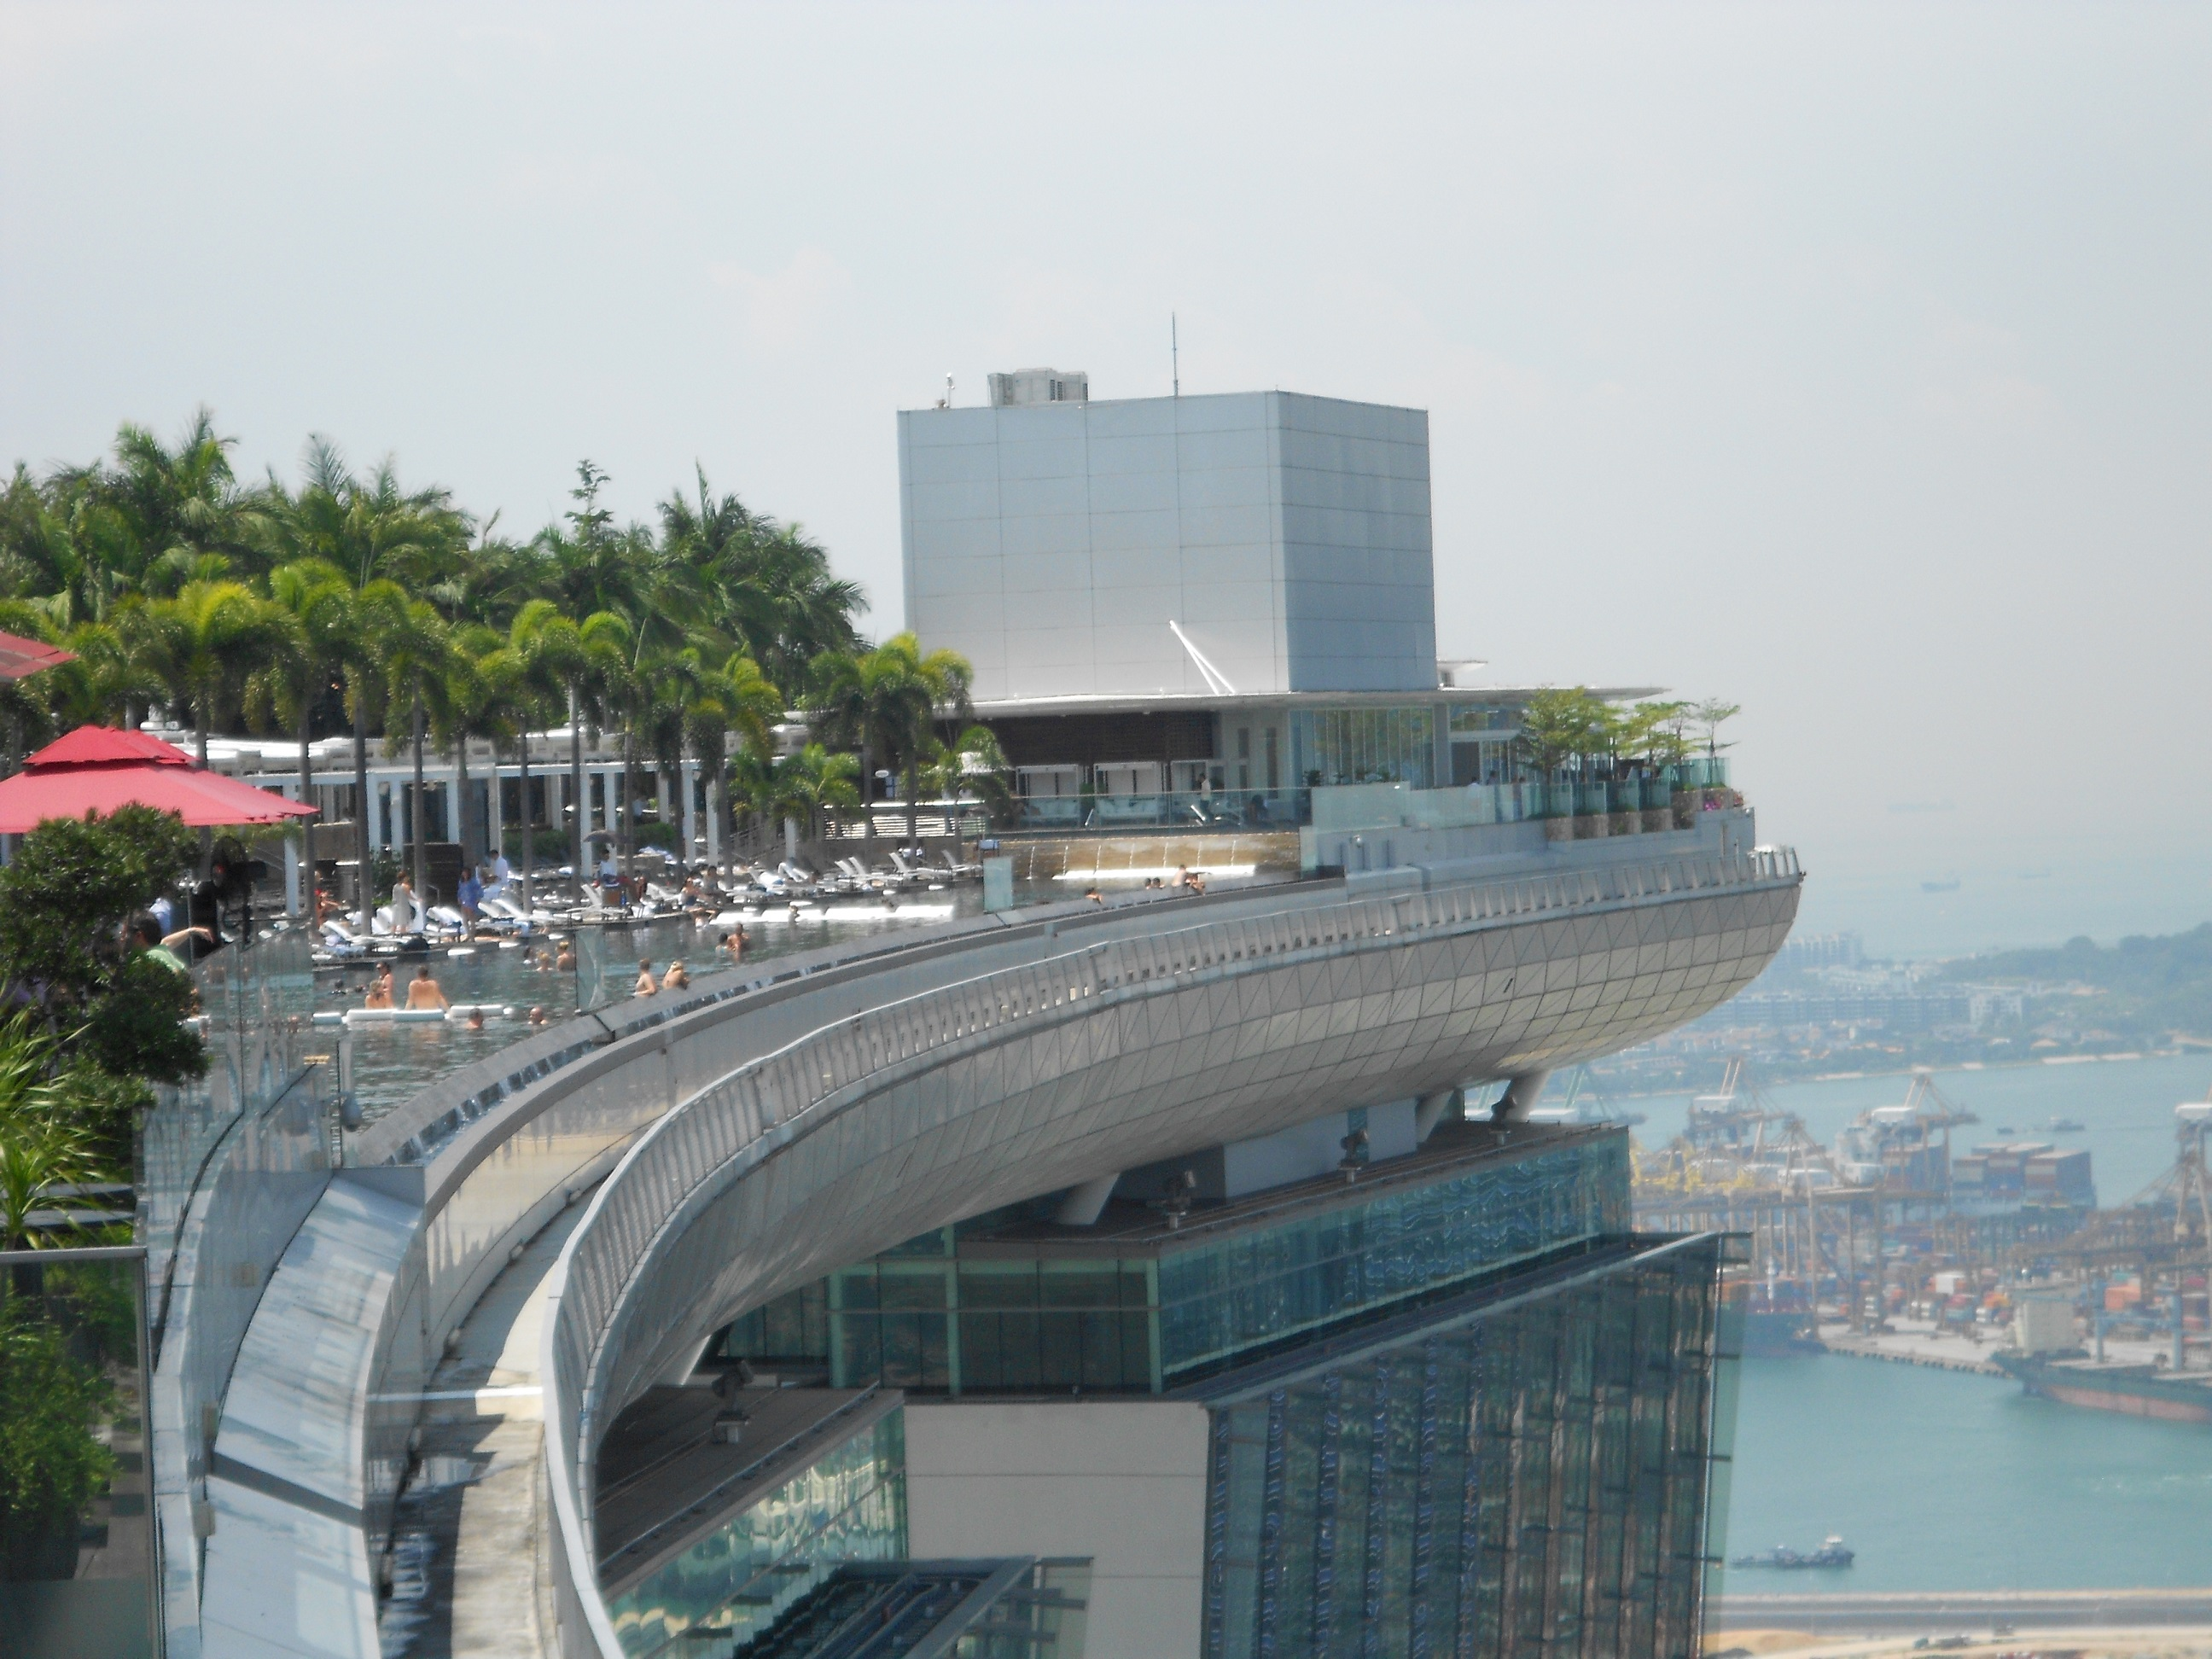 mit mein schiff 1 in asien tipps f r den abreisetag in singapur mein schiff blog. Black Bedroom Furniture Sets. Home Design Ideas